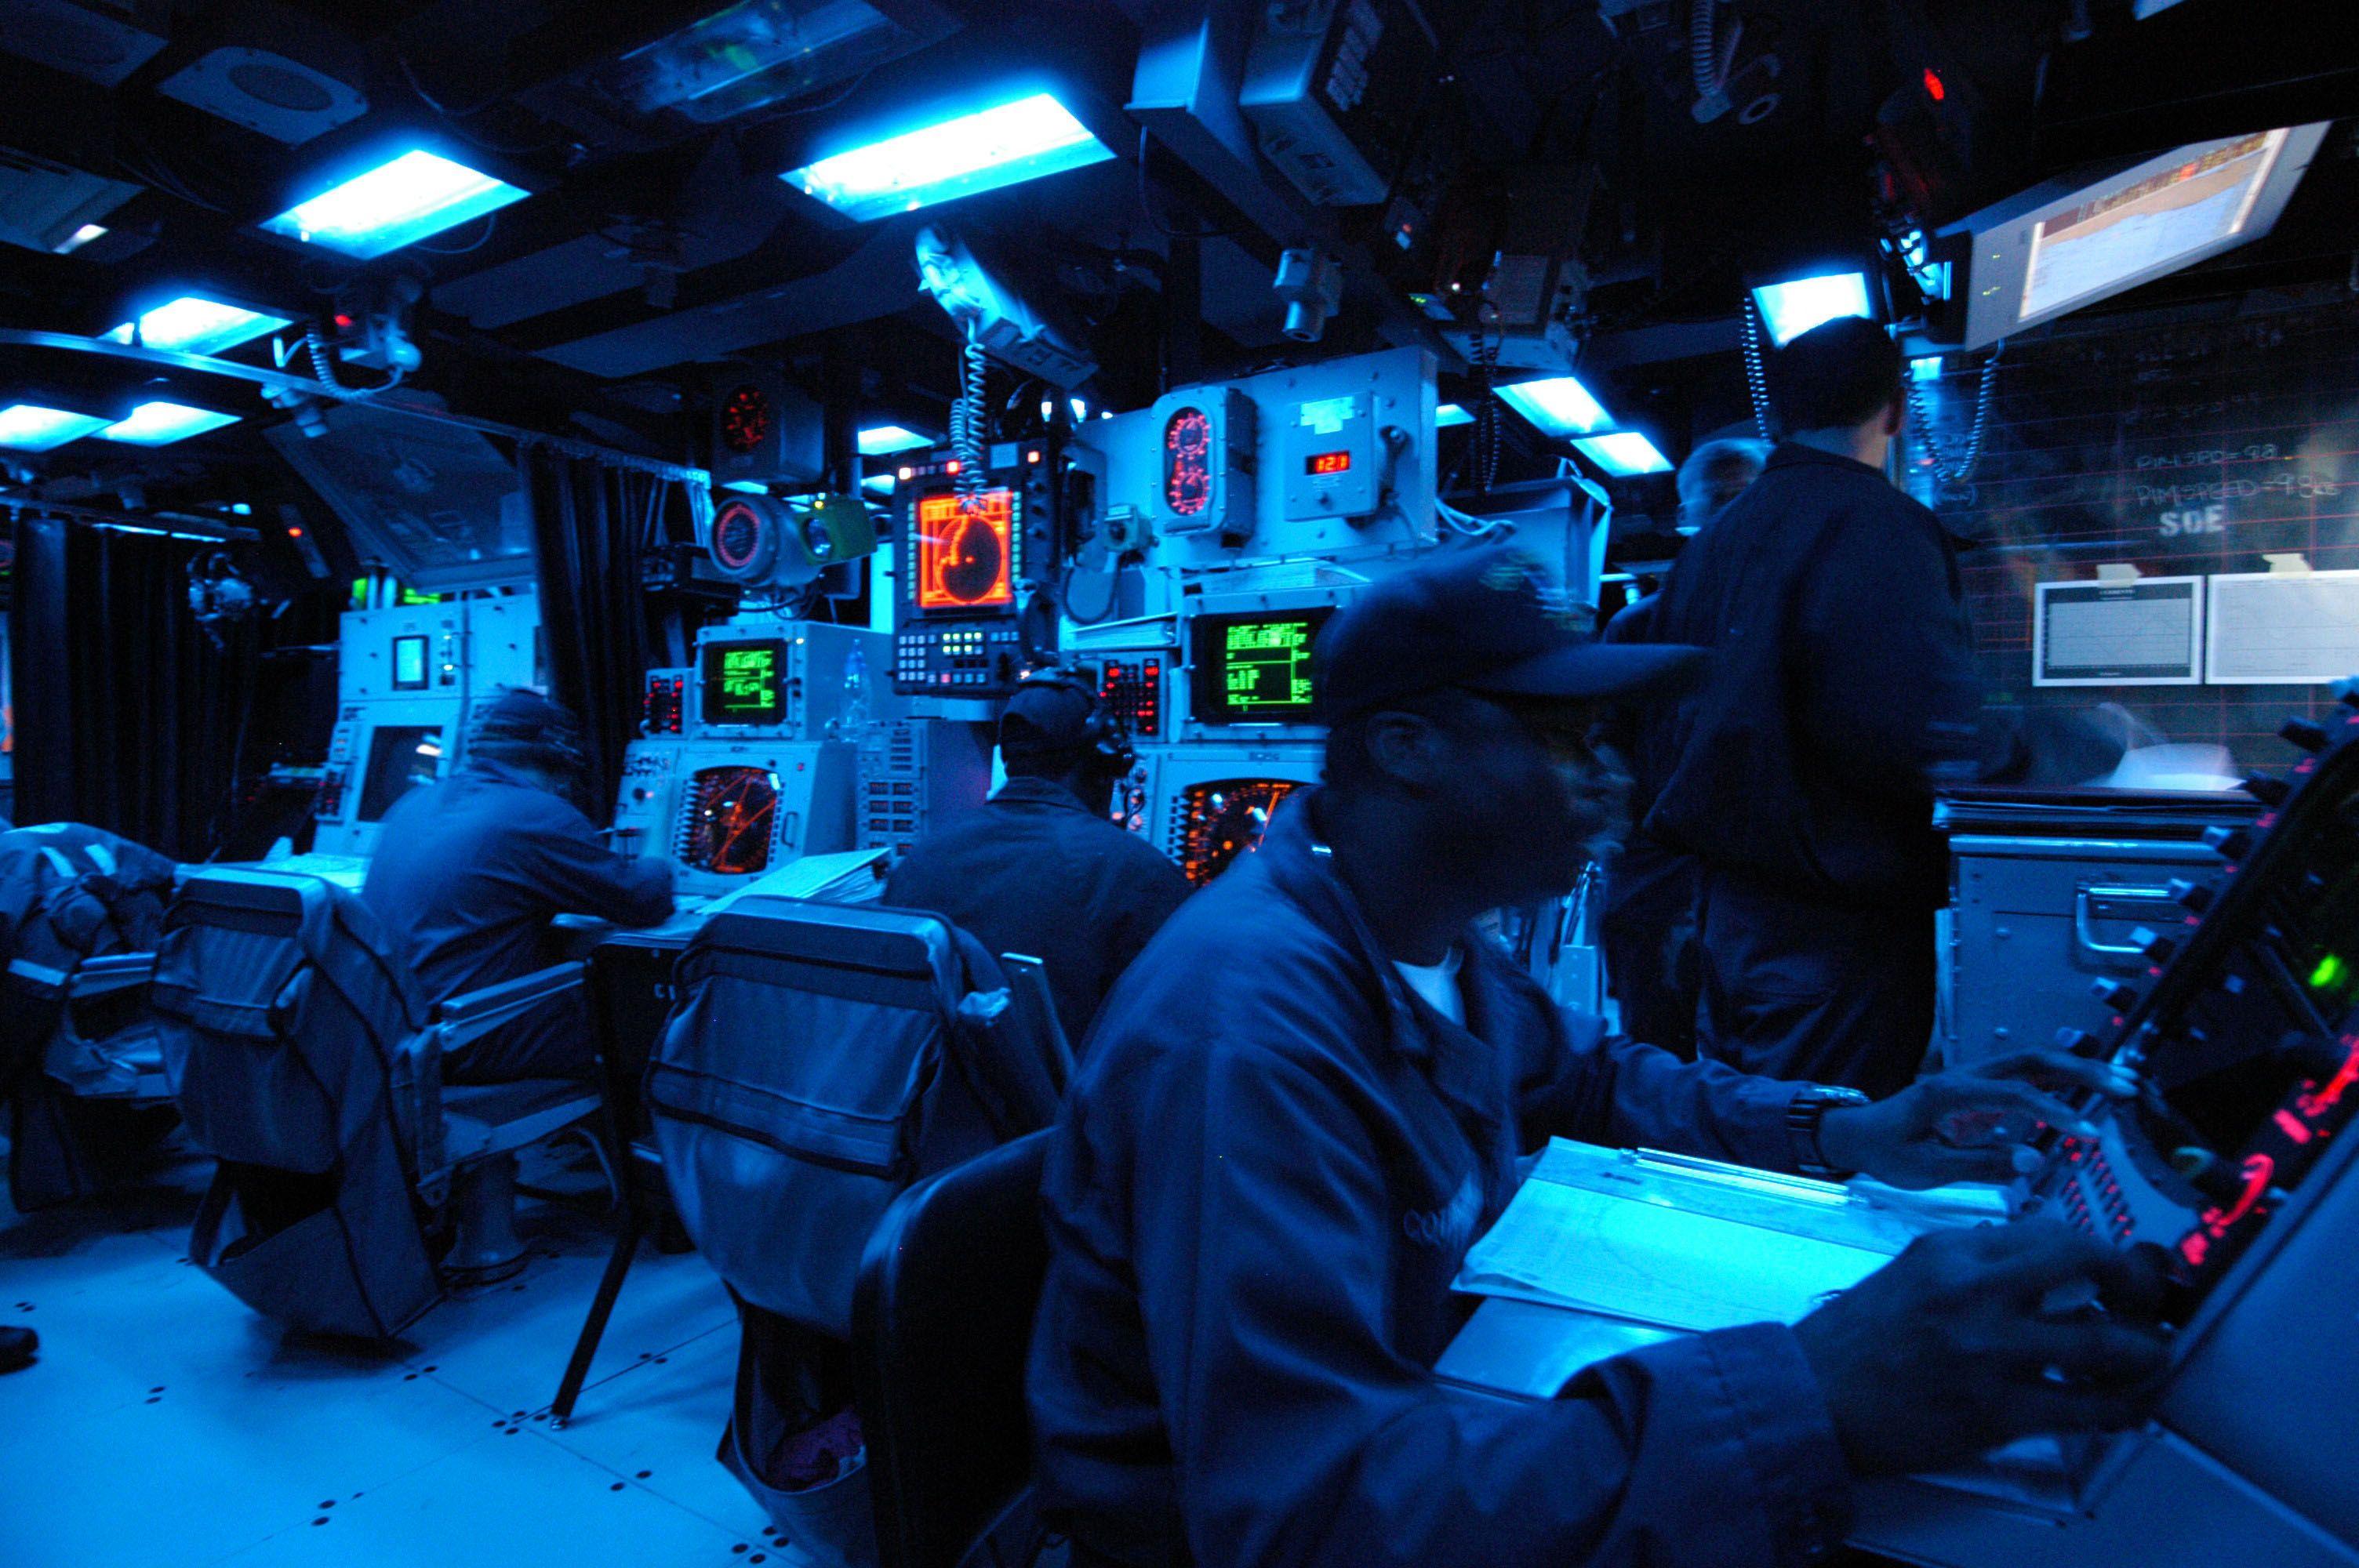 PAX: Microsofts en Amazons interesse in defensie 'zeer zorgwekkend'